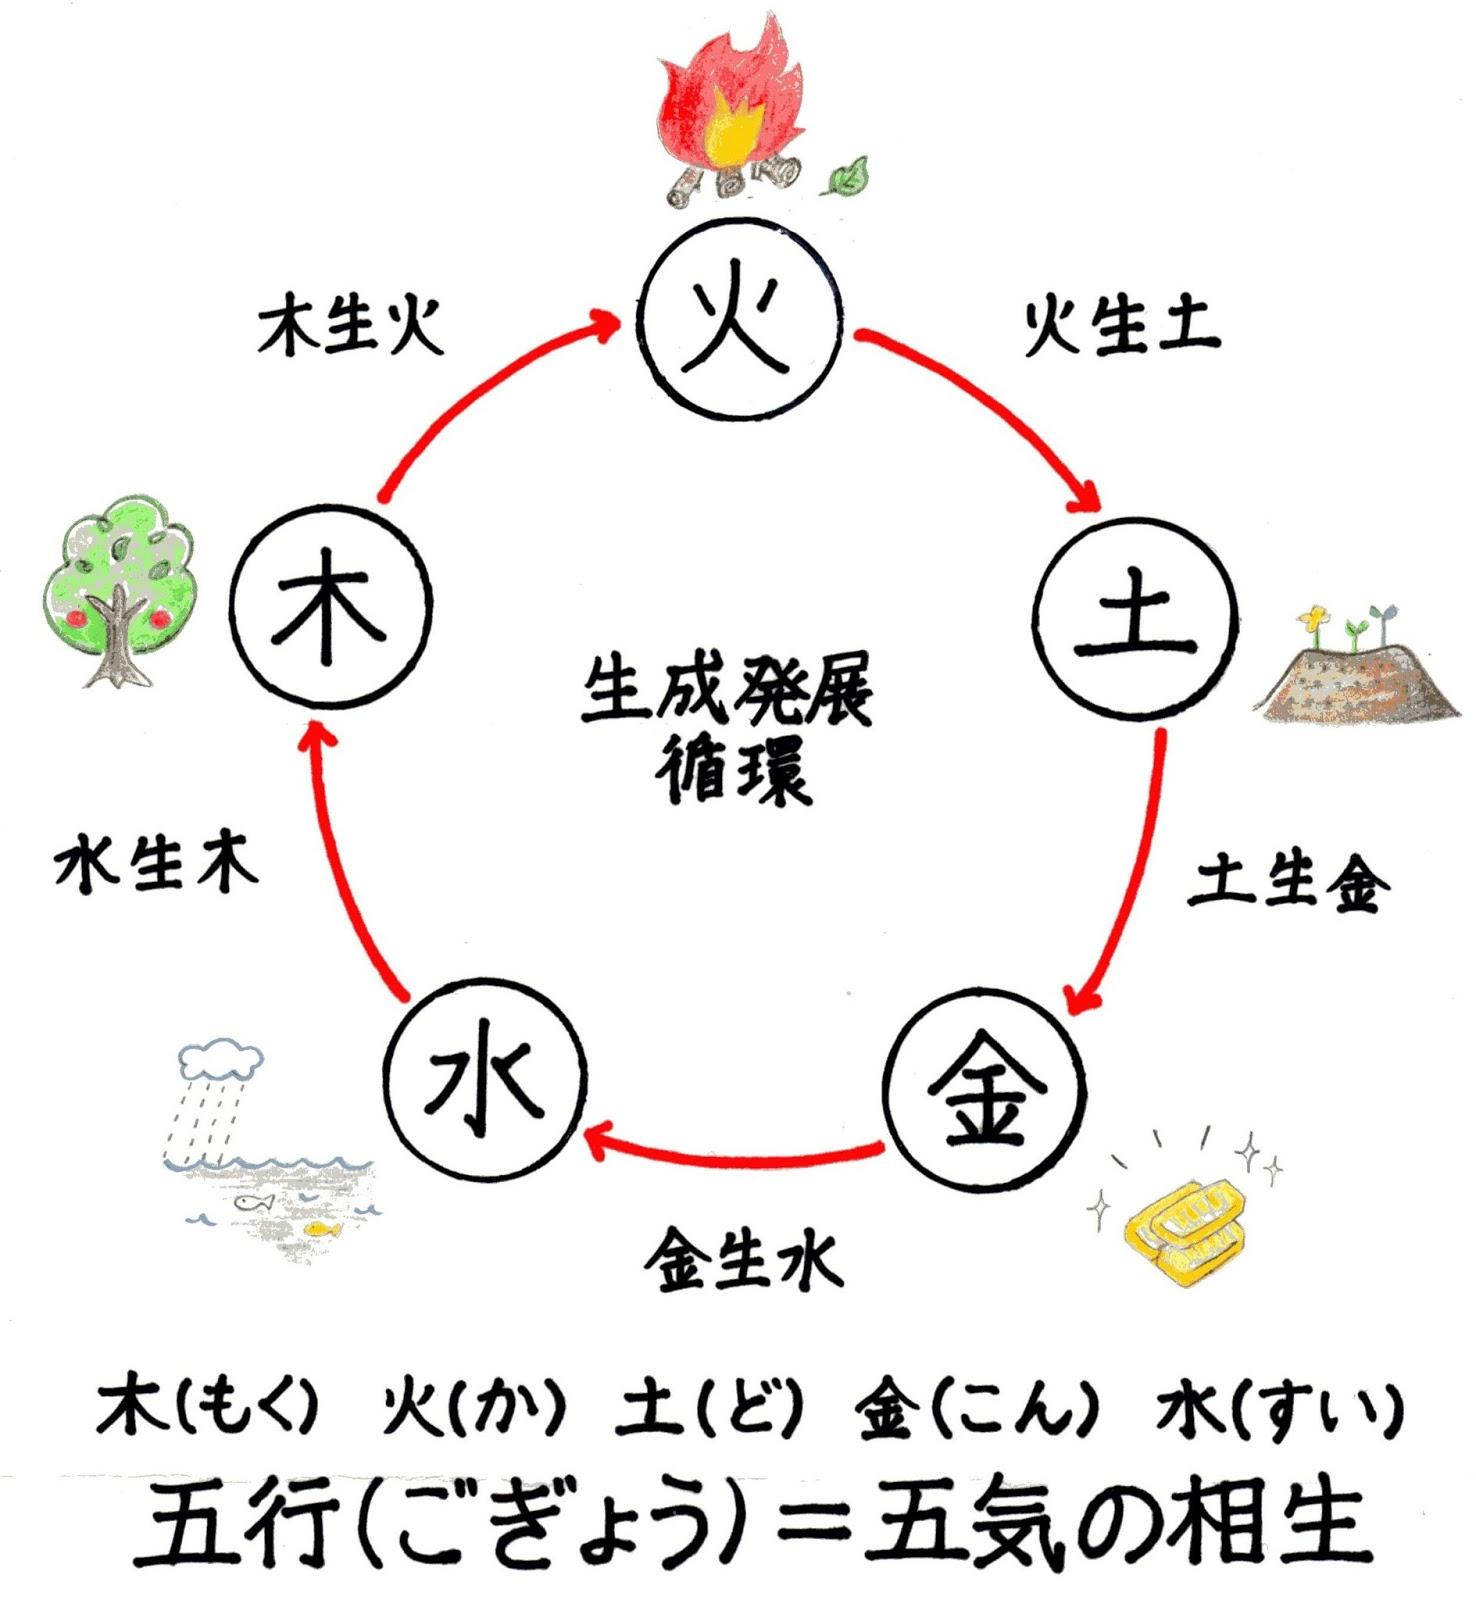 五気,相生,陰陽五行説,木火土金水,九星気学